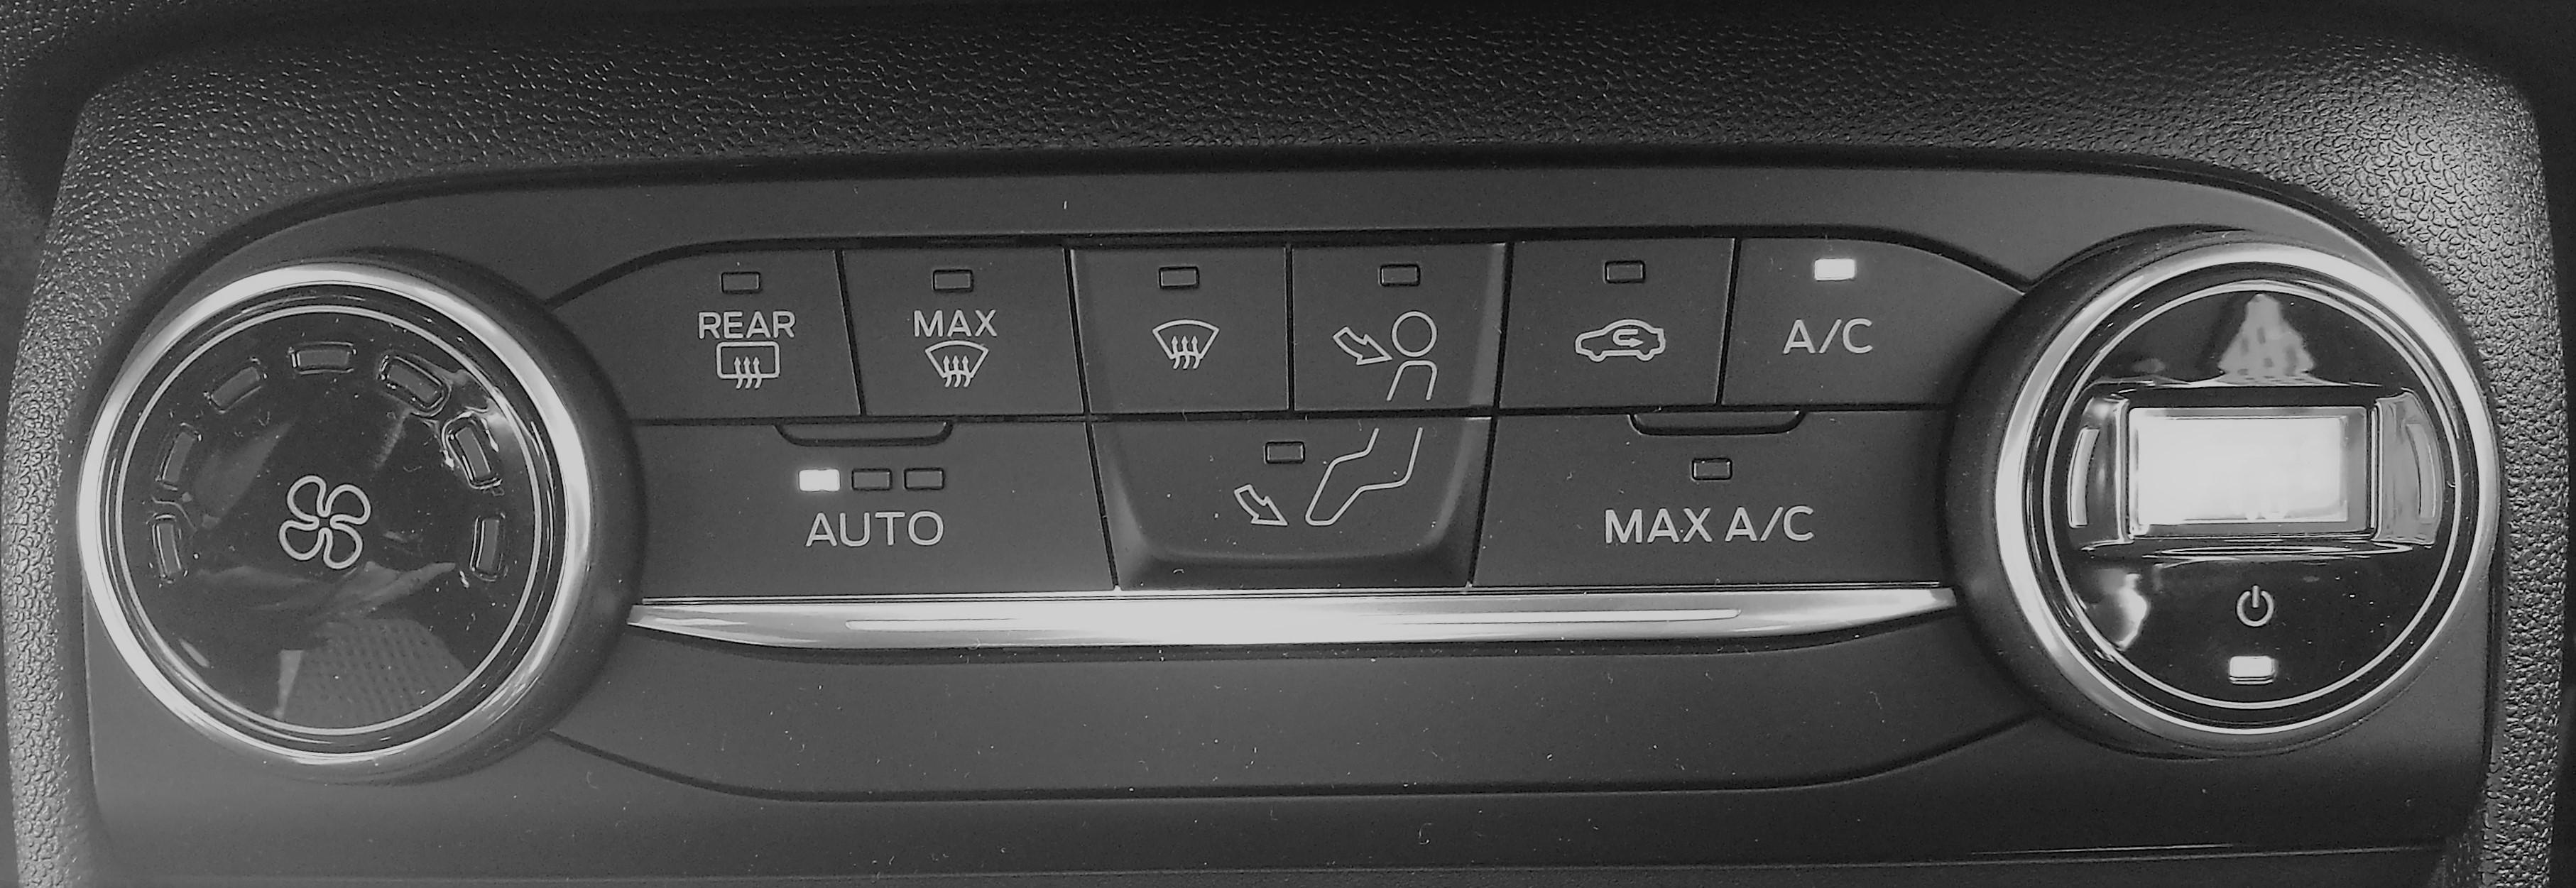 Controle in de auto; verwarming